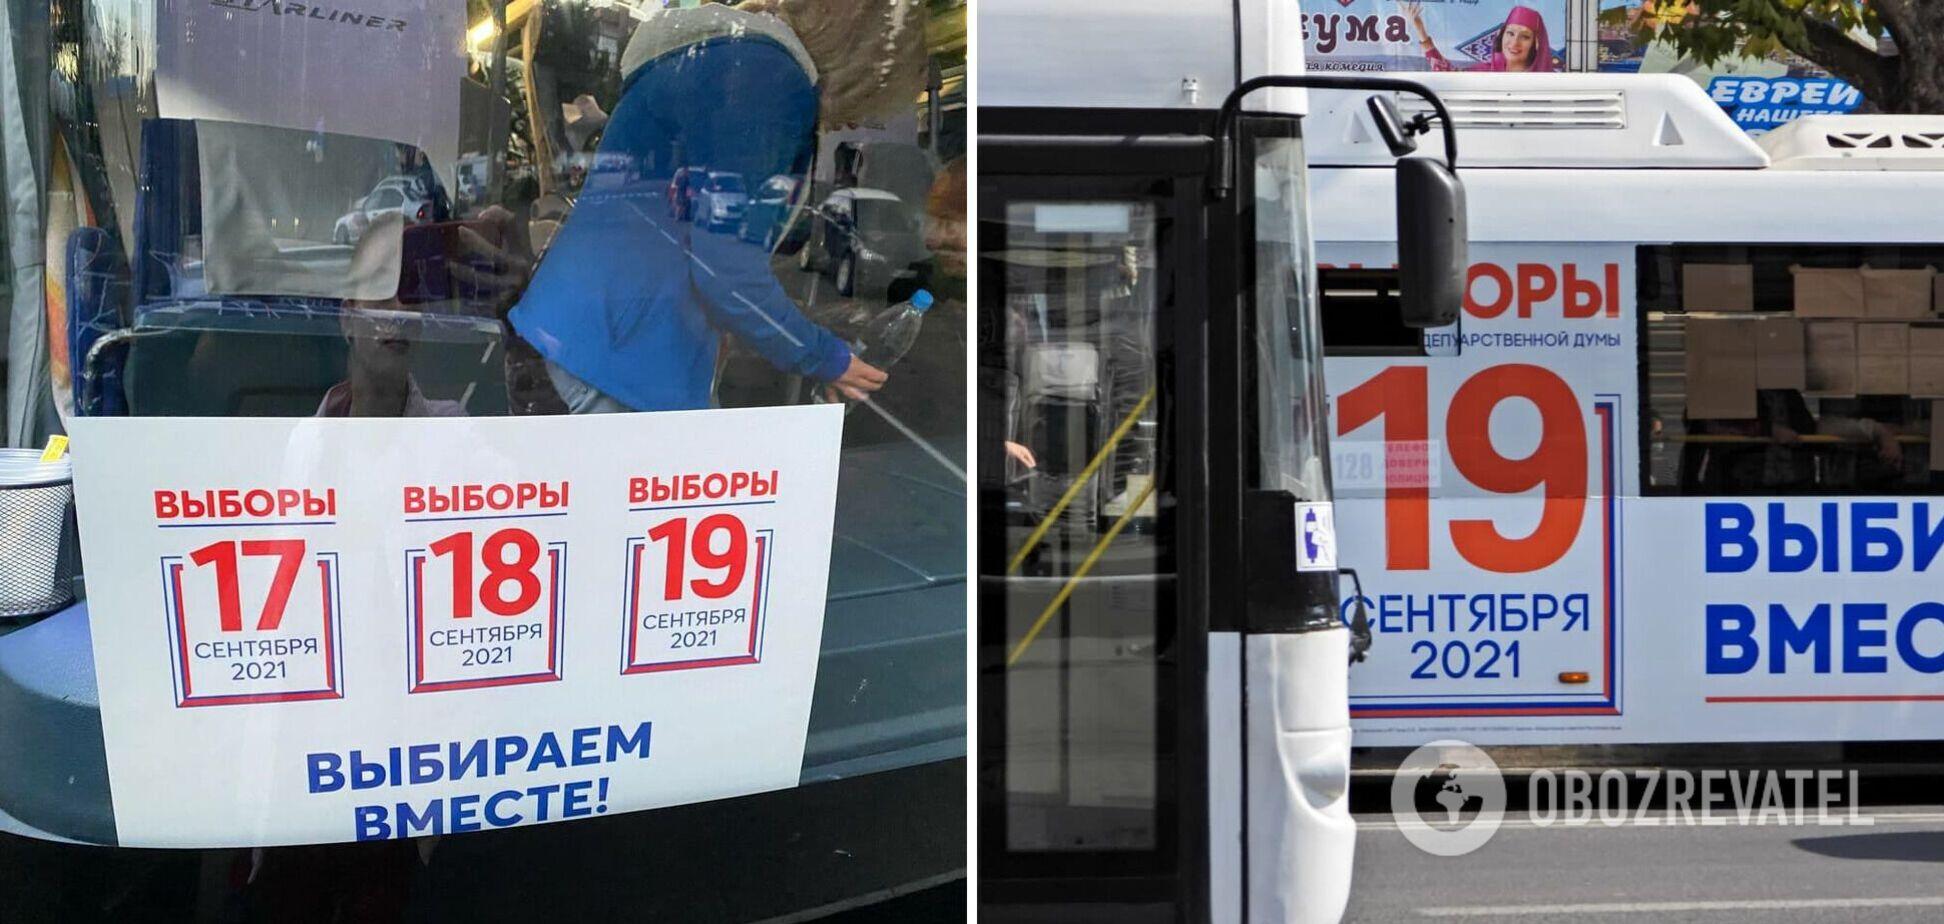 Жителей оккупированных территорий угрозами заставляют голосовать